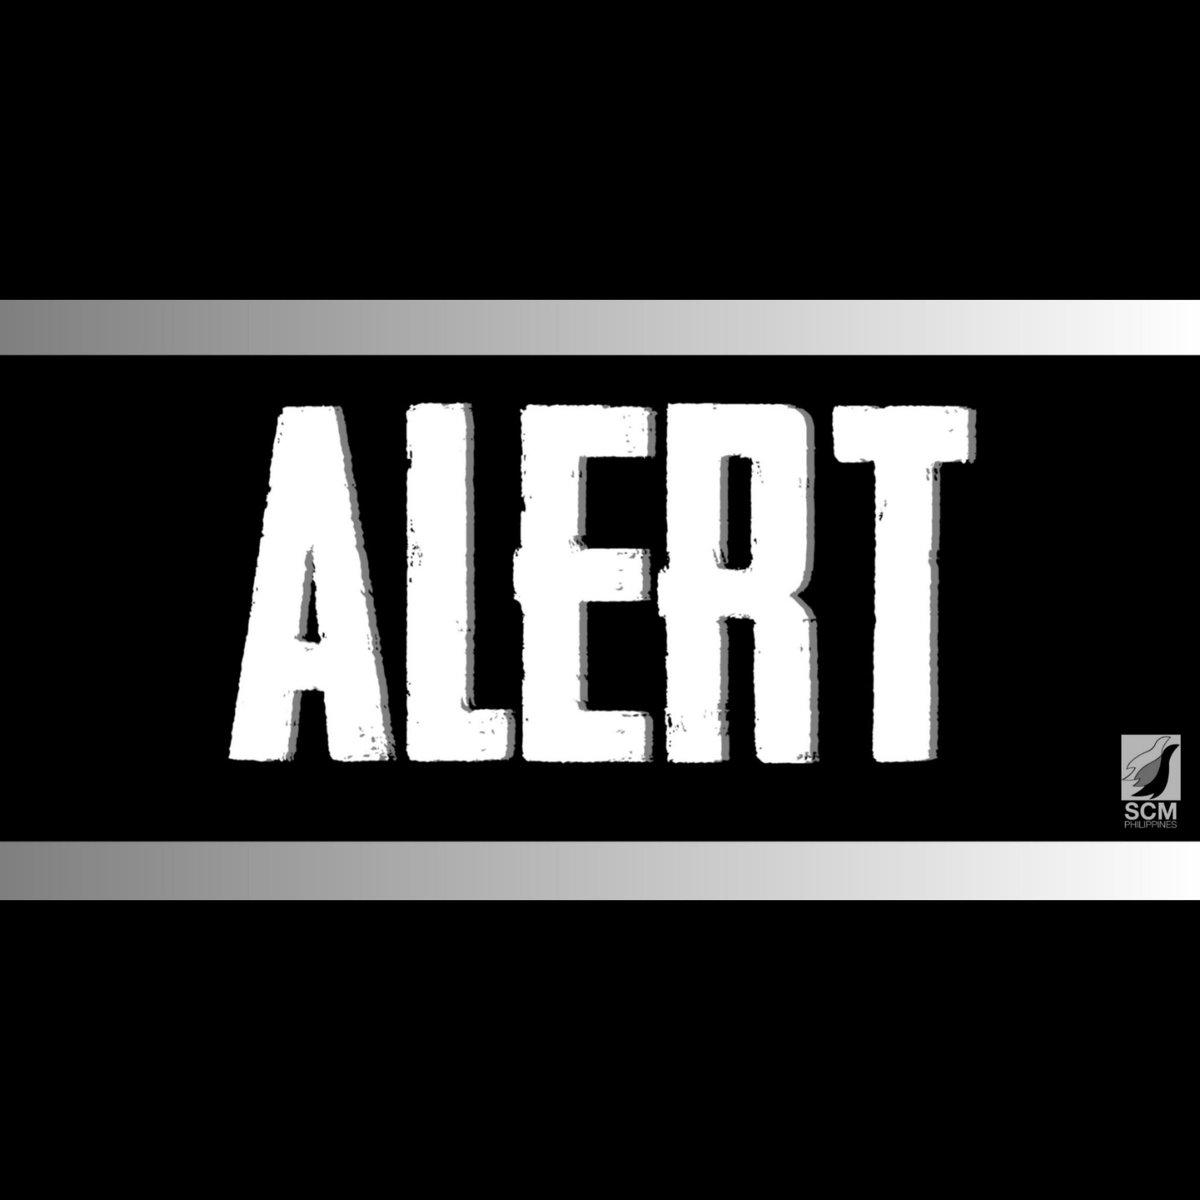 ALERT‼️   Isang pari ng Diocese of Malaybalay na si Father Rene Regalado ay binaril at pinatay habang pabalik na sakaniyang seminaryo sa Barangay Patpat, Malaybalay bandang alas-7:30 ng gabi, kahapon.  #UpholdHumanRights #StopTheKillings